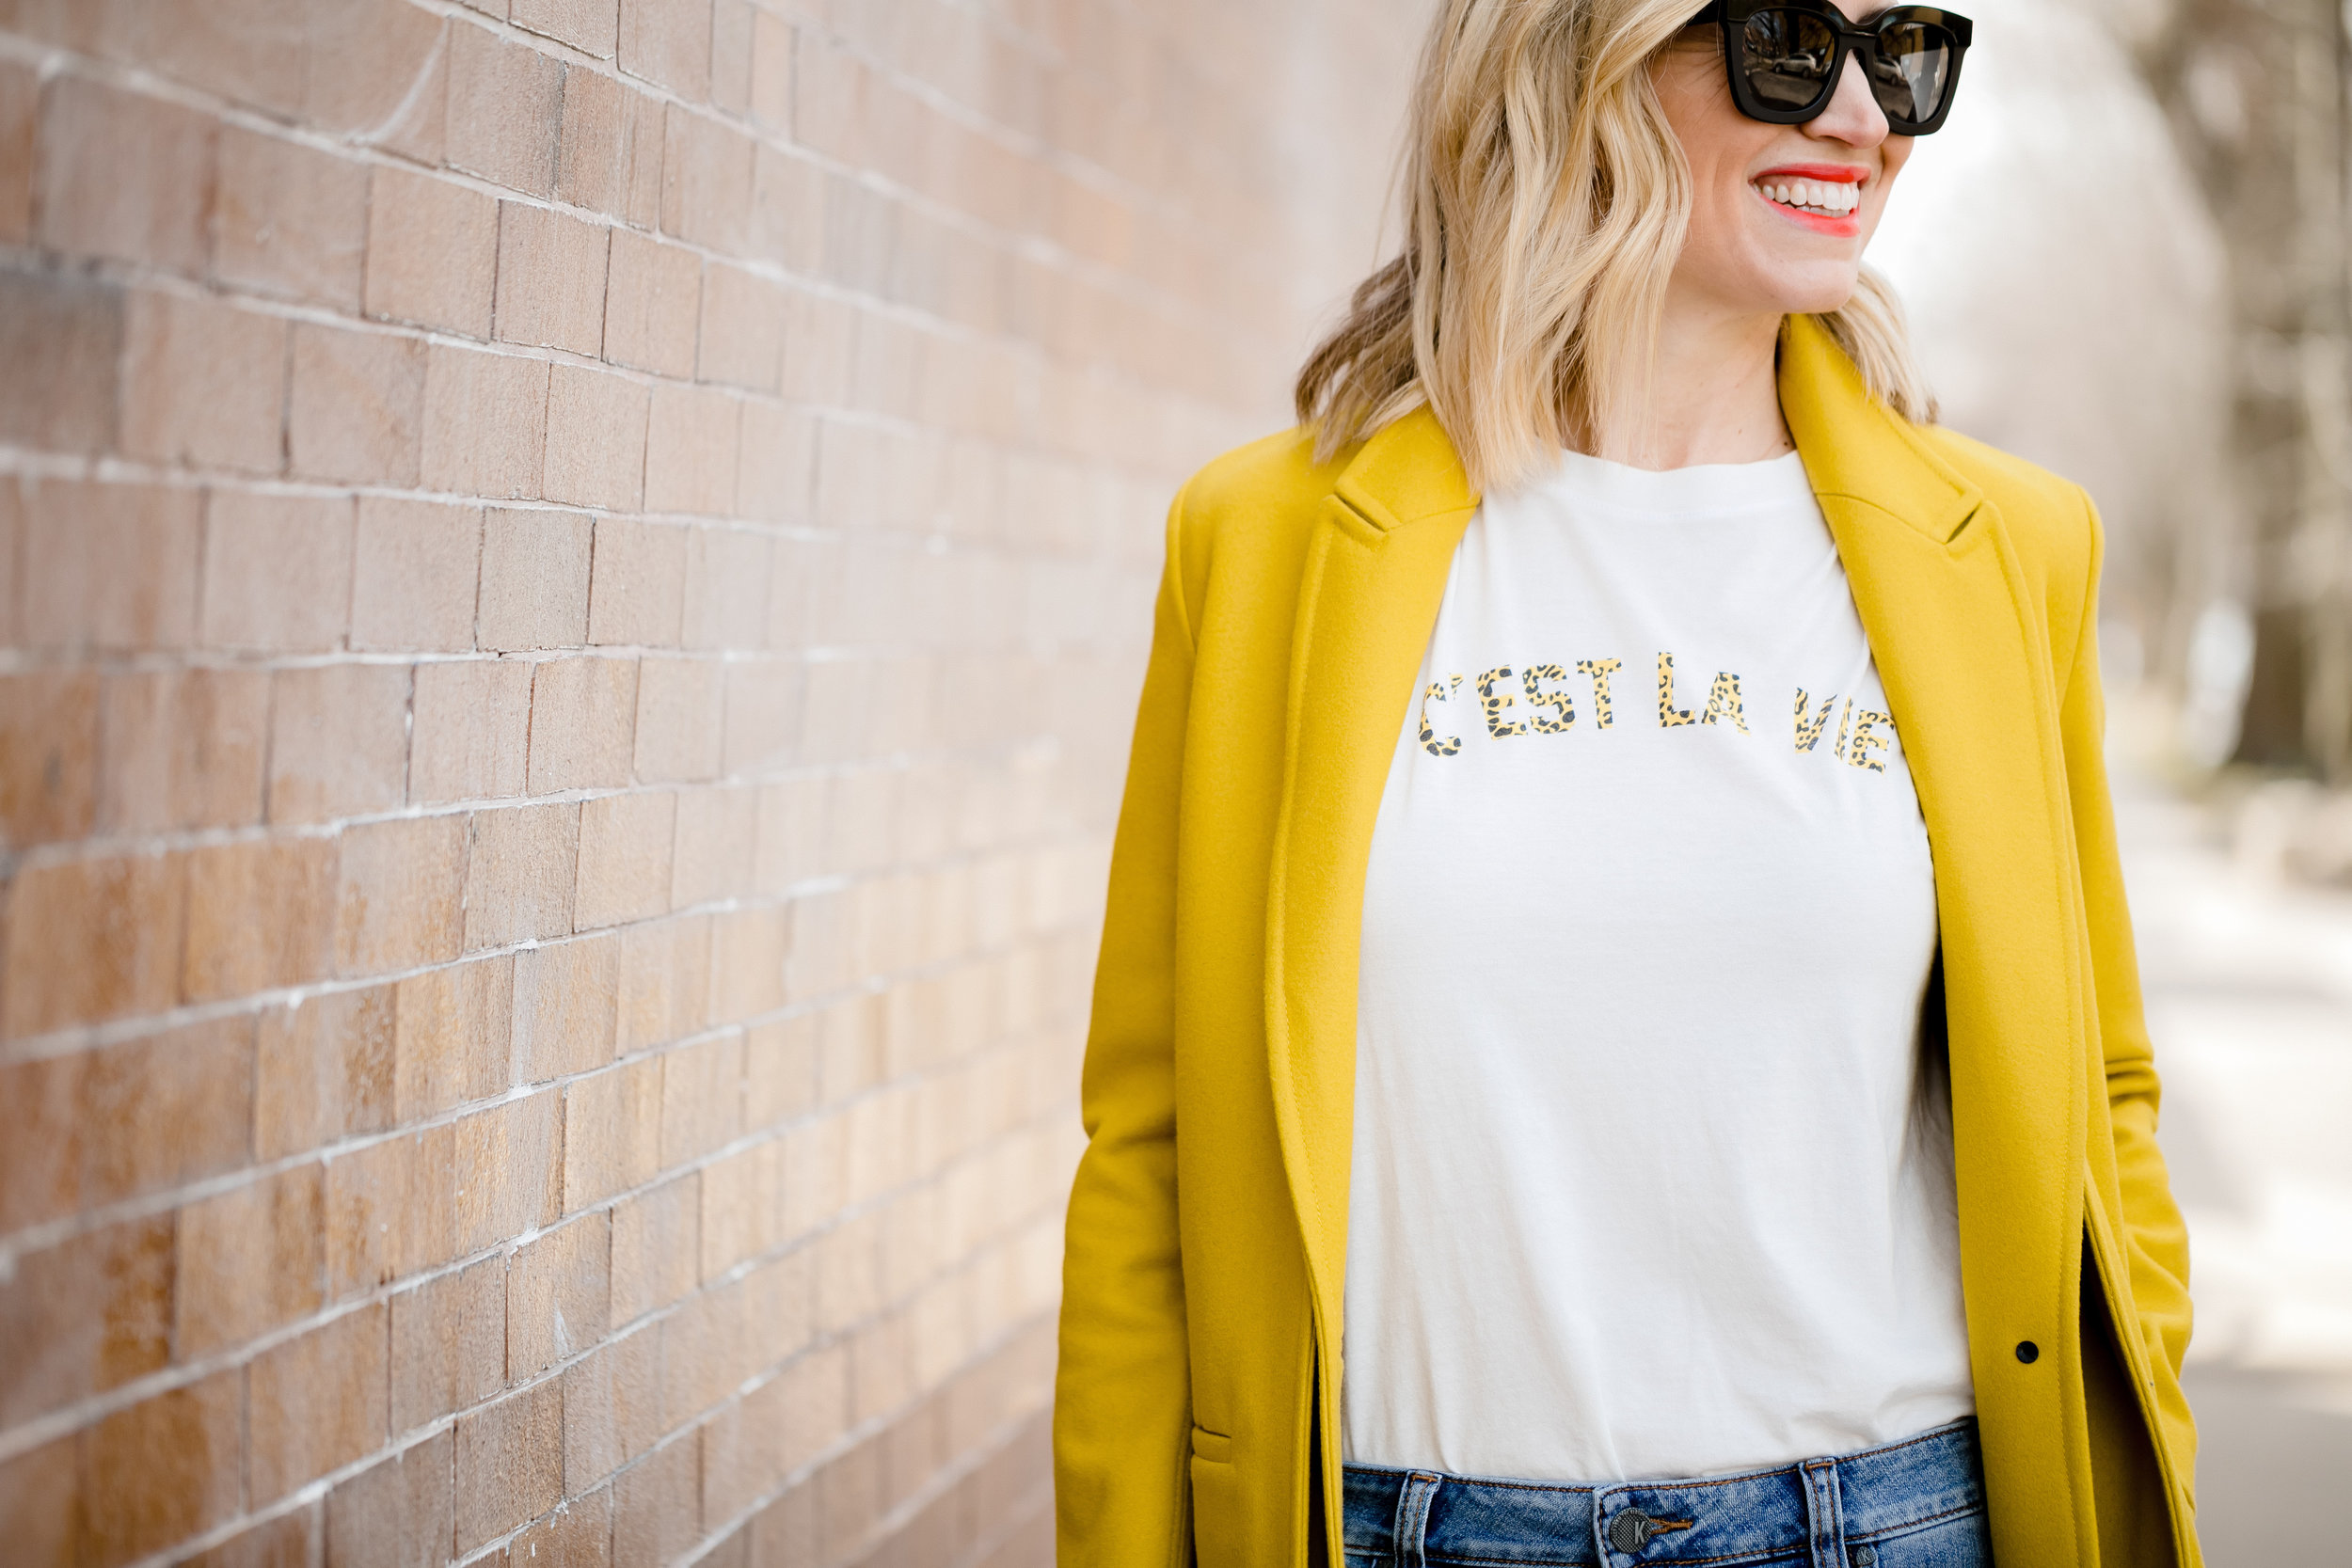 Jacket-  Rag & Bone  T Shirt-  Evereve   Photo-  Nicole Defilippis Photography